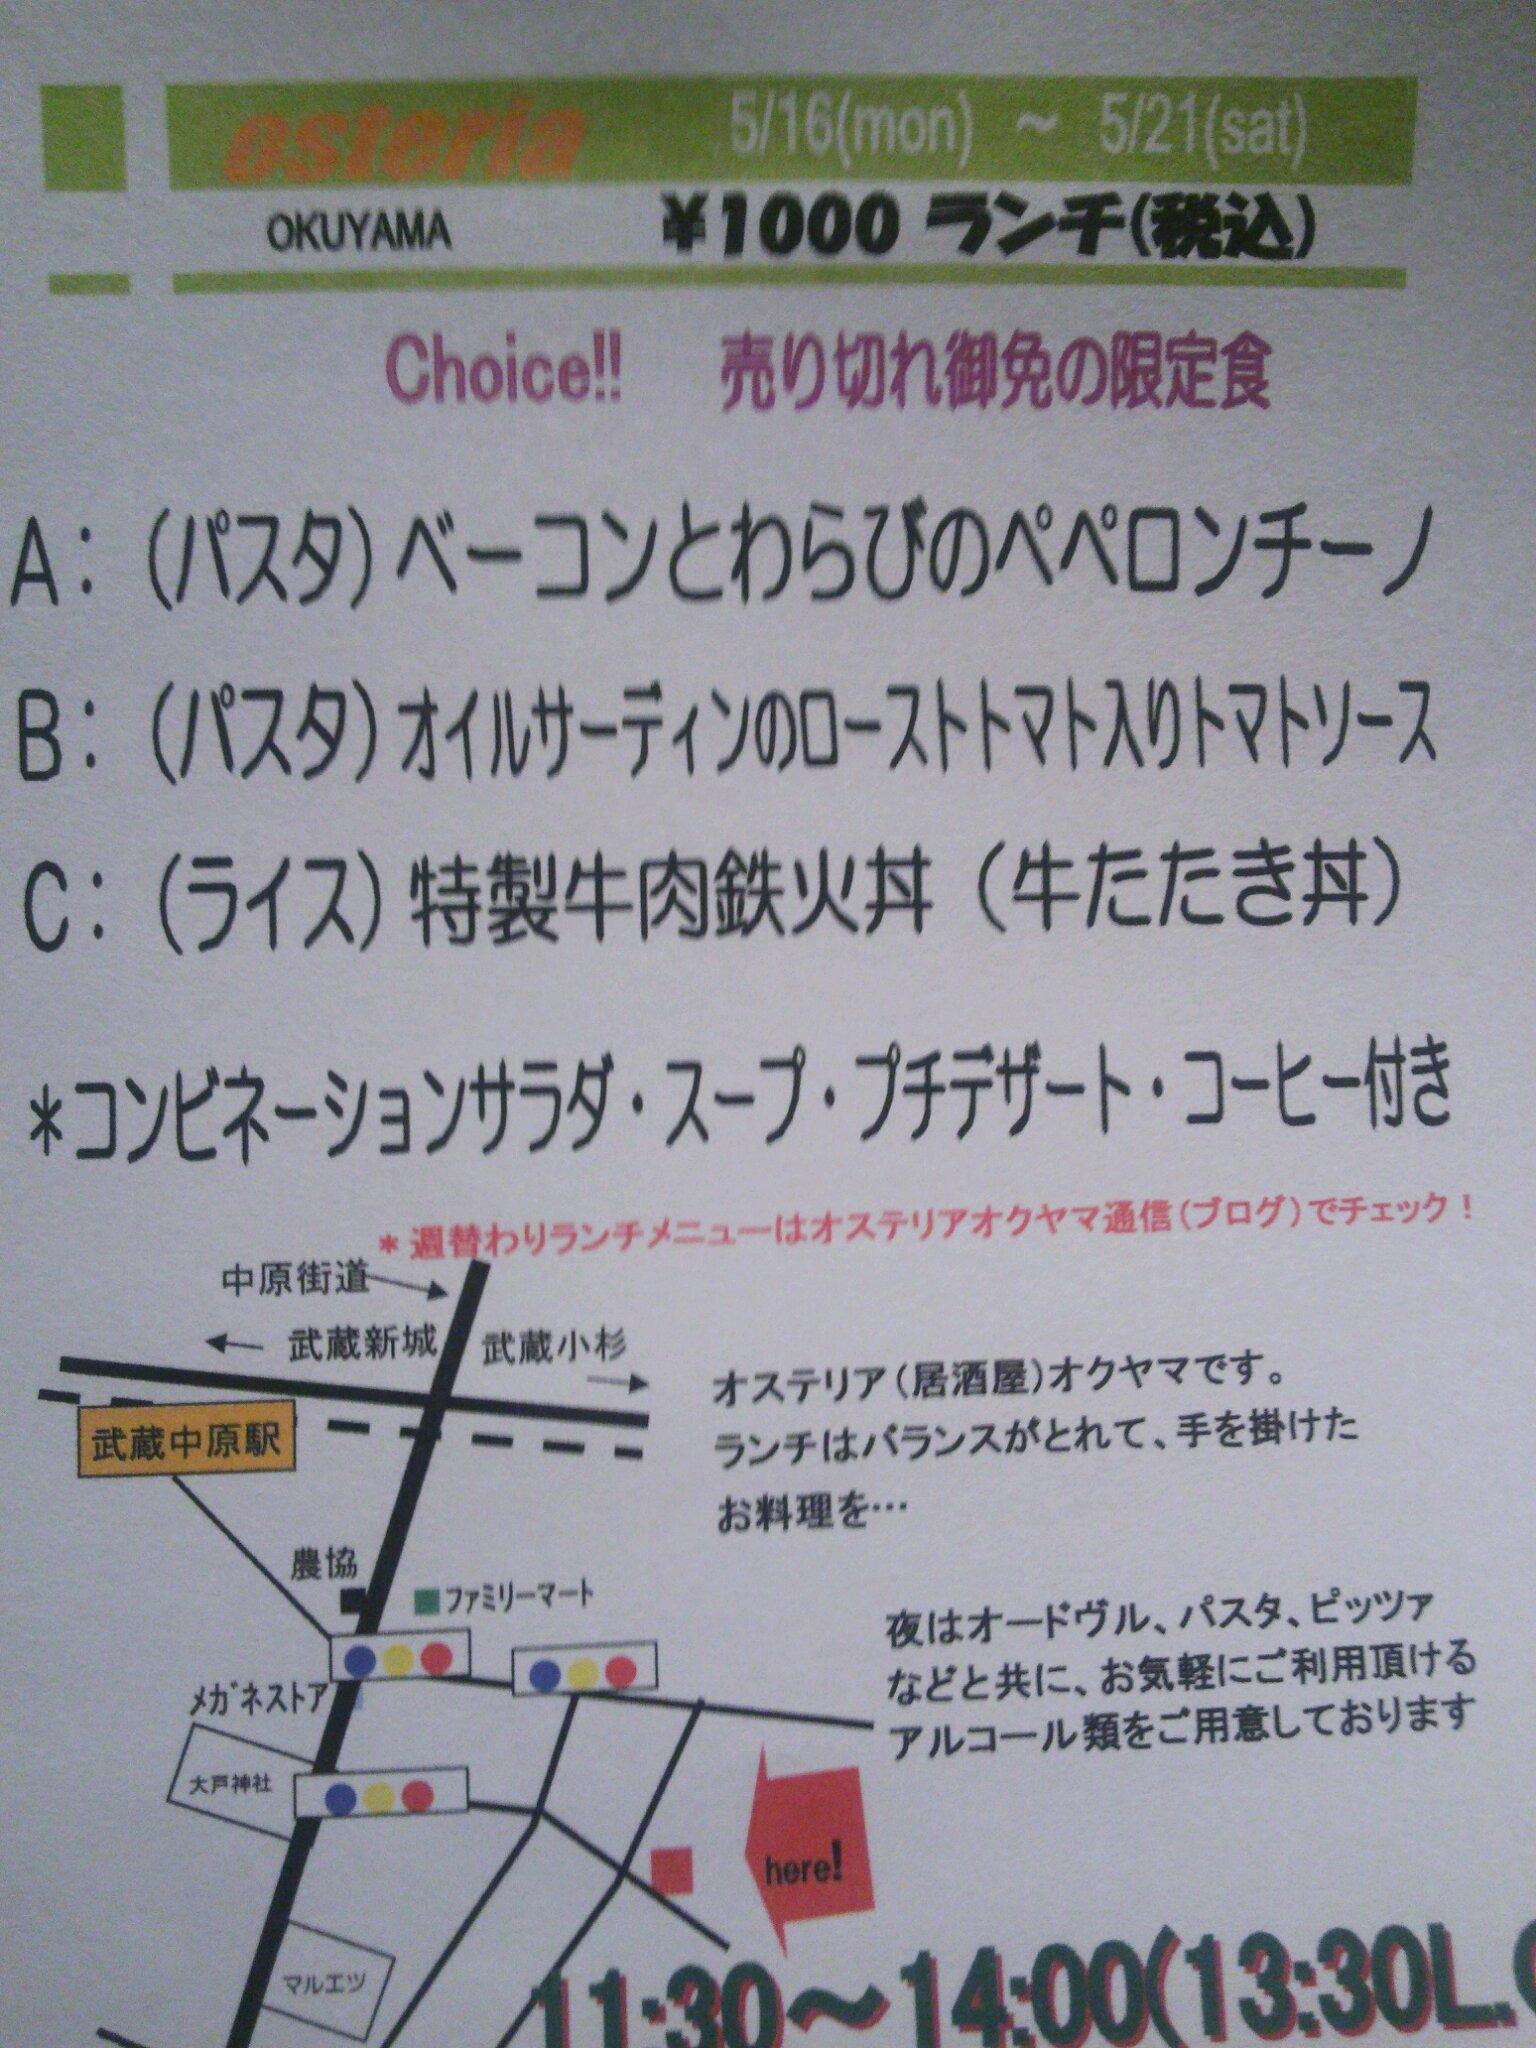 5/16(月)〜5/21(土)ランチ